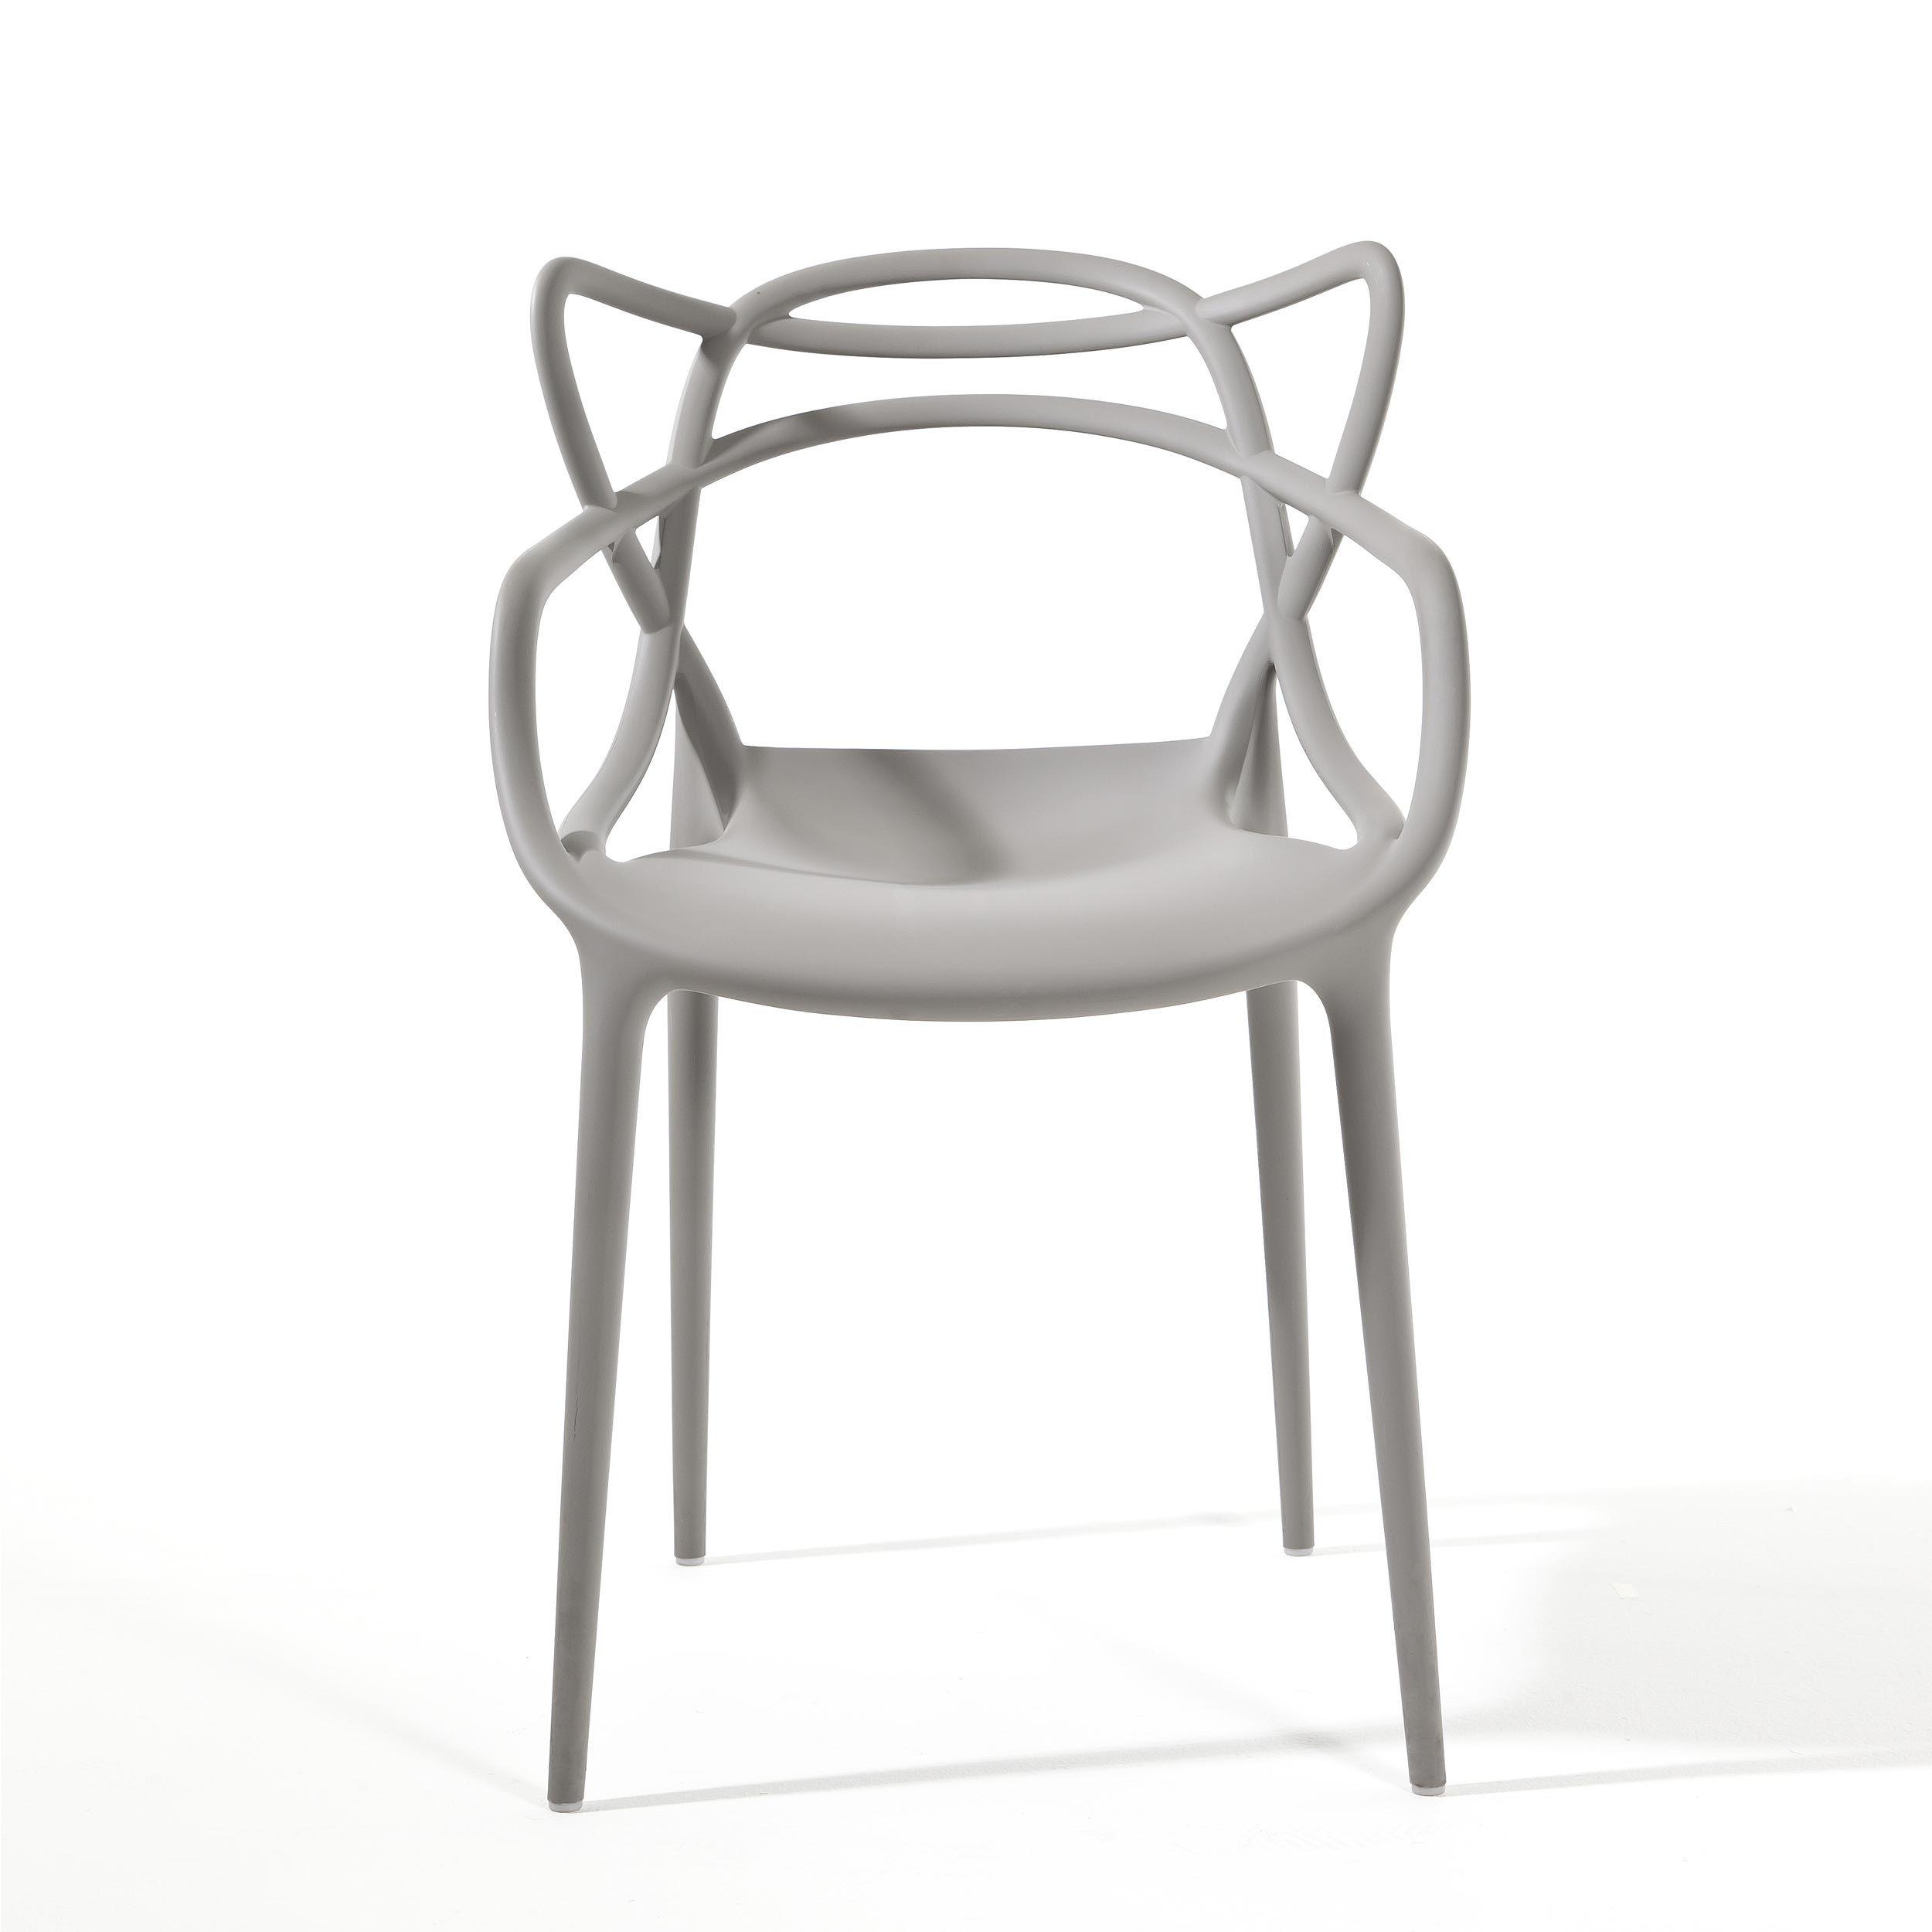 Polypropylene chair grey mod Masters Kartell Silla de